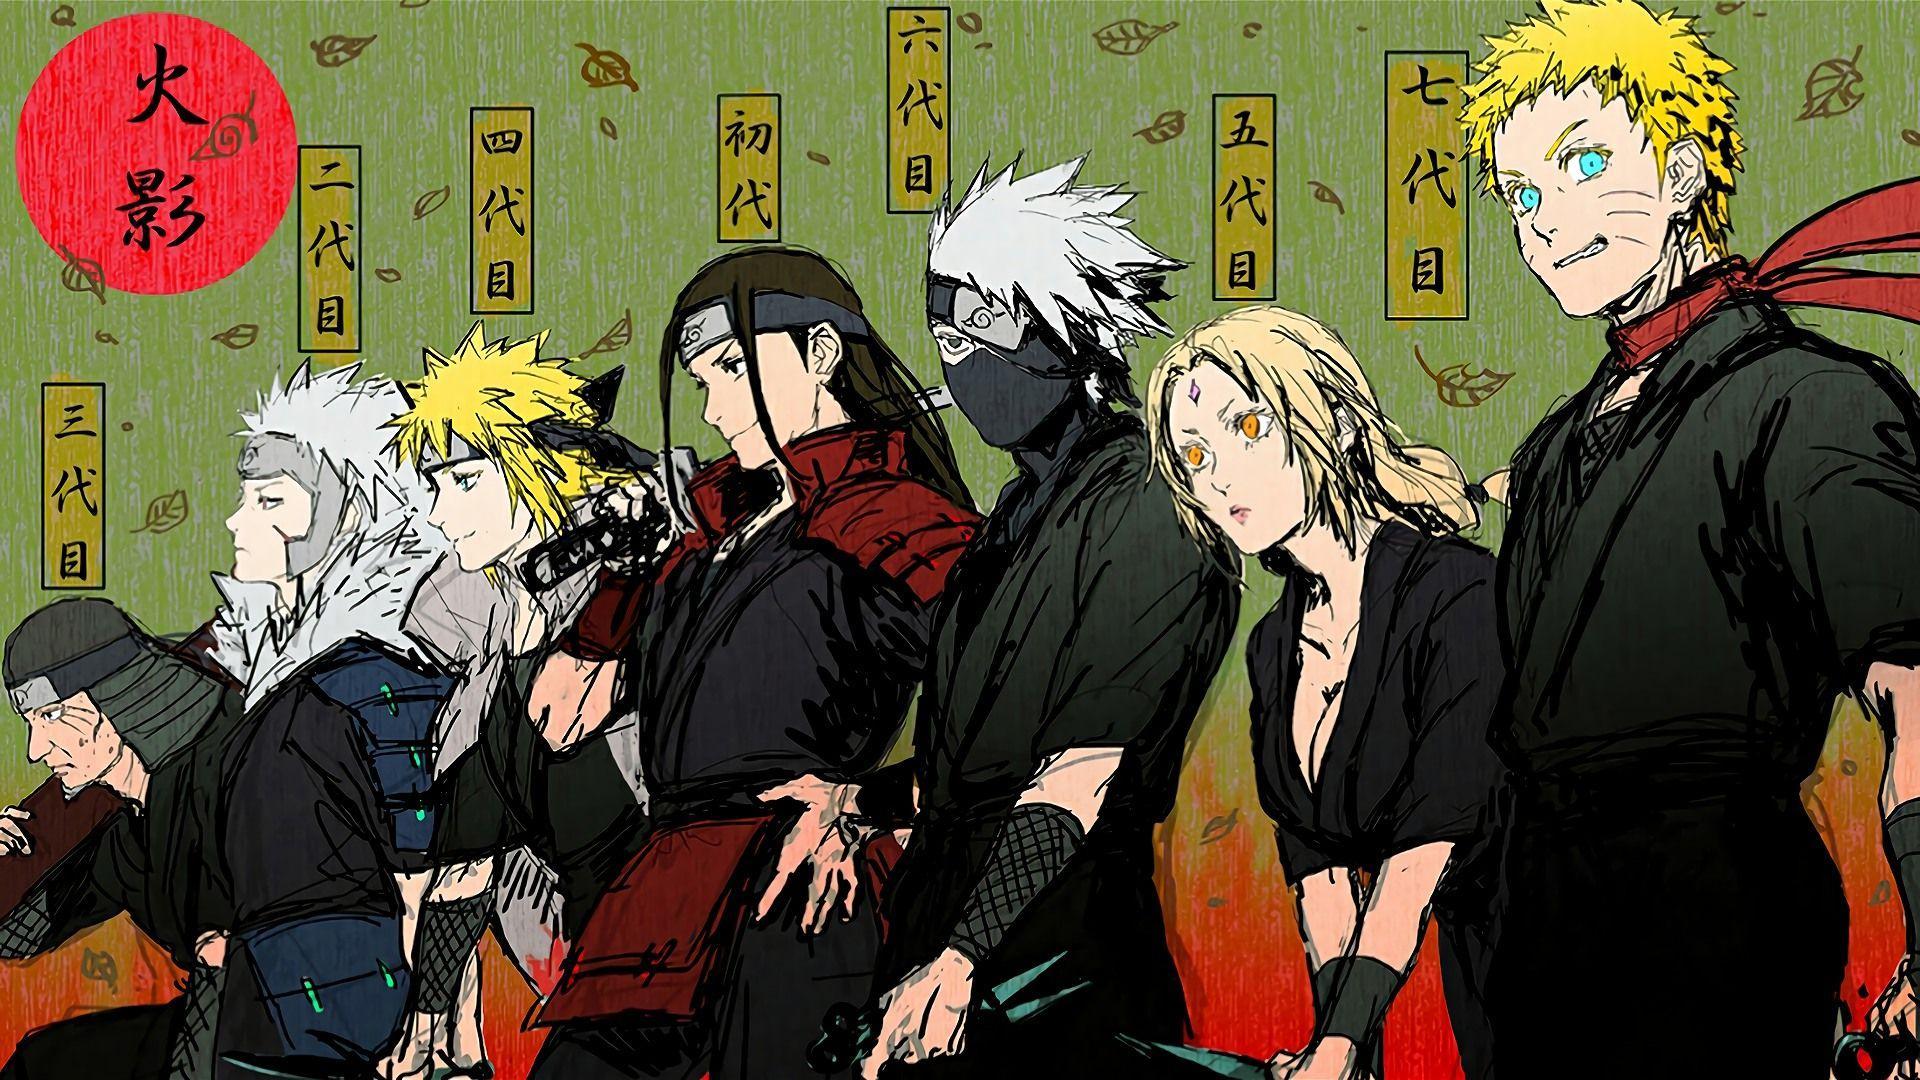 Naruto Hokage Wallpapers HD - Wallpaper Cave